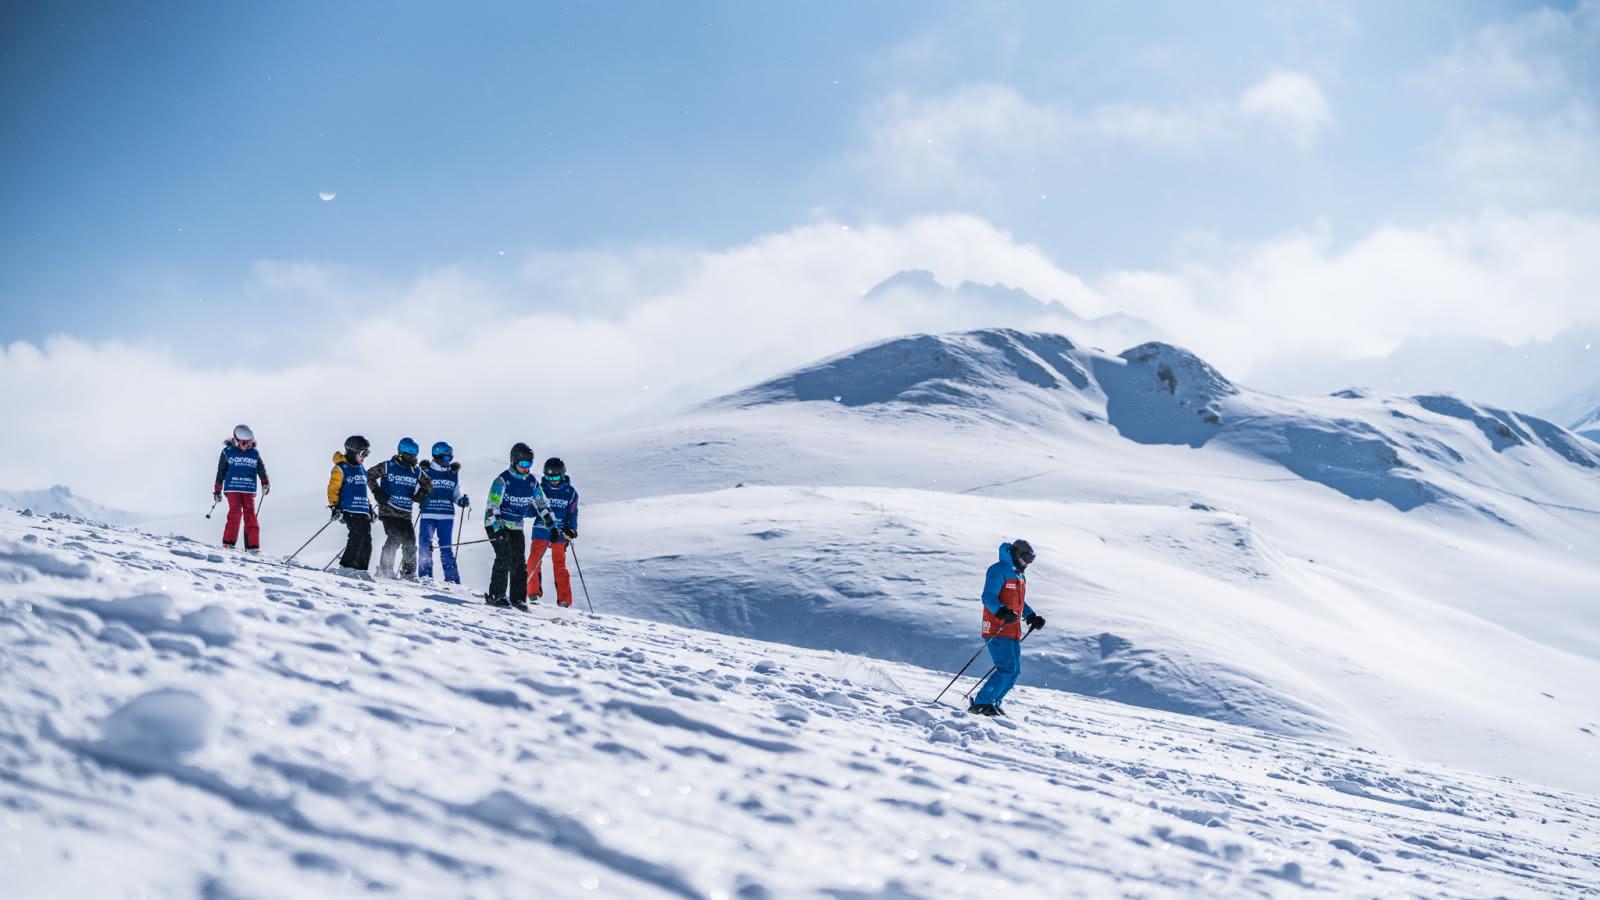 Initiation hors-piste, freestyle et slalom, encadrés par des moniteurs patients, fun et expérimentés.